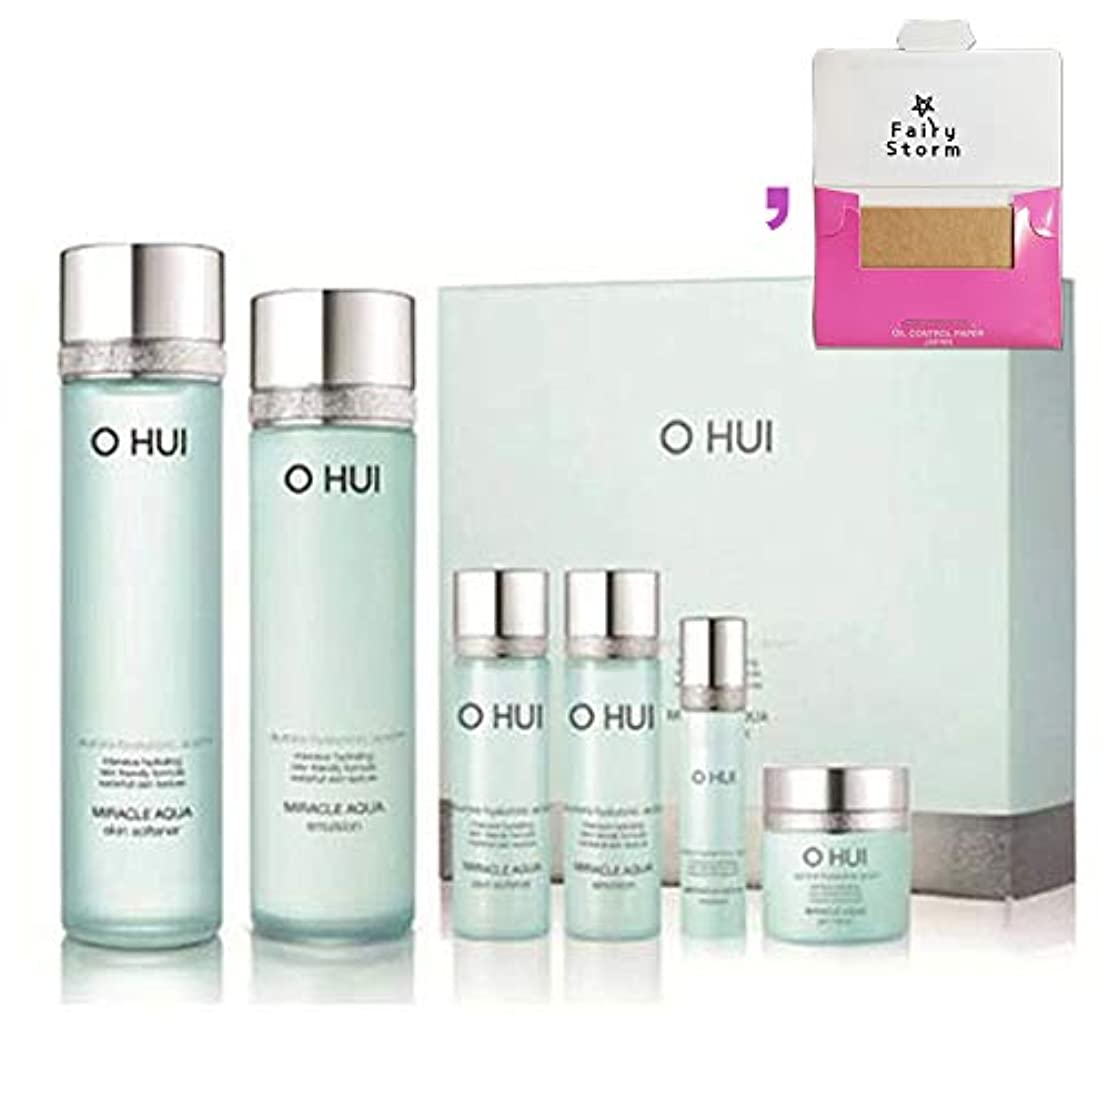 憲法被る頼る[オフィ/O HUI]韓国化粧品LG生活健康/O HUI MIRACLE AQUA SPECIAL 2EA SET/ミラクルアクア 2種セット+[Sample Gift](海外直送品)